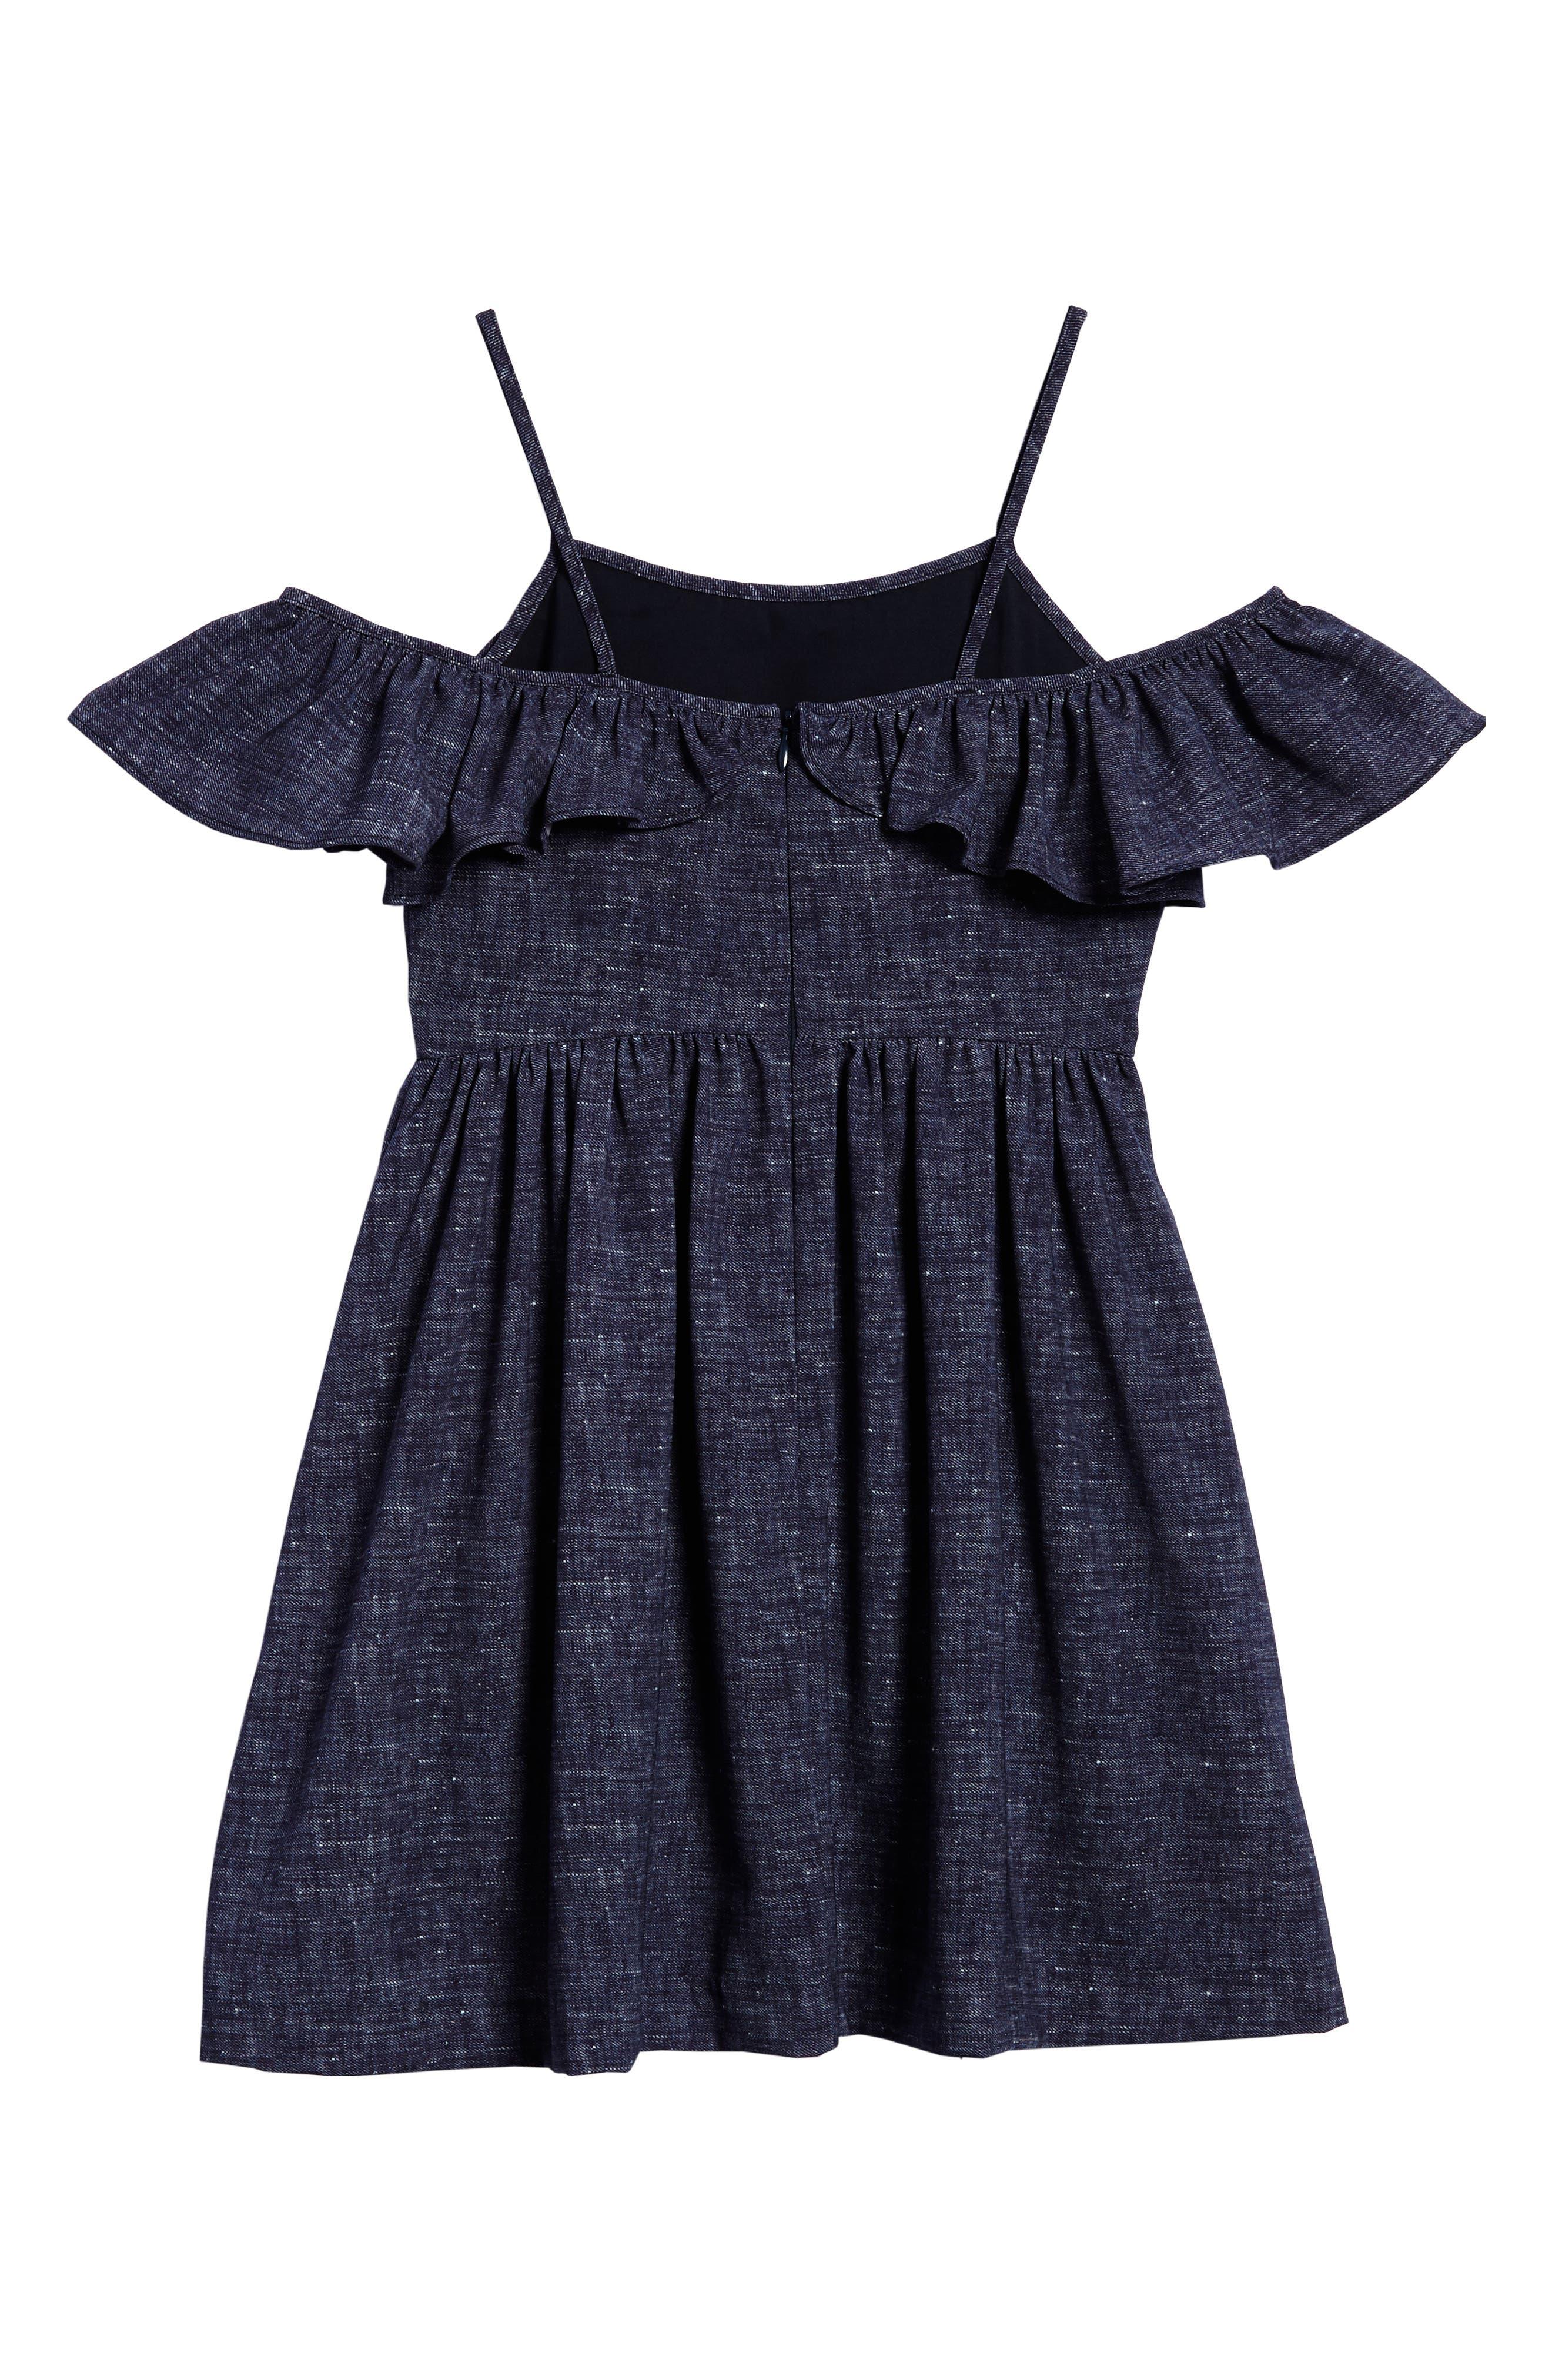 Bella Cold Shoulder Dress,                             Alternate thumbnail 2, color,                             464